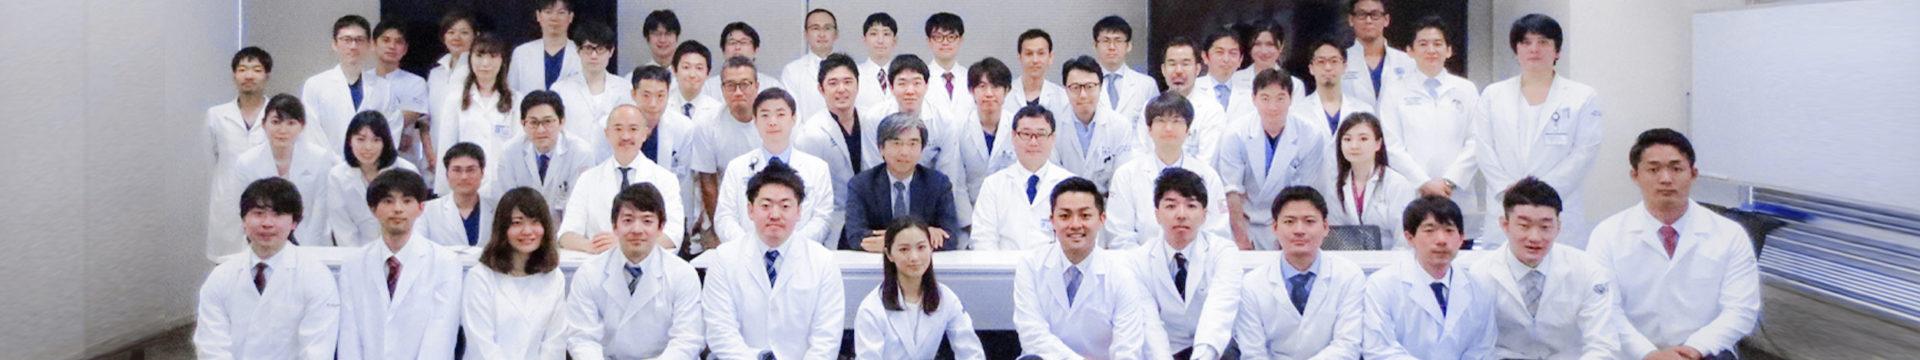 外科学講座について ヒーローイメージ